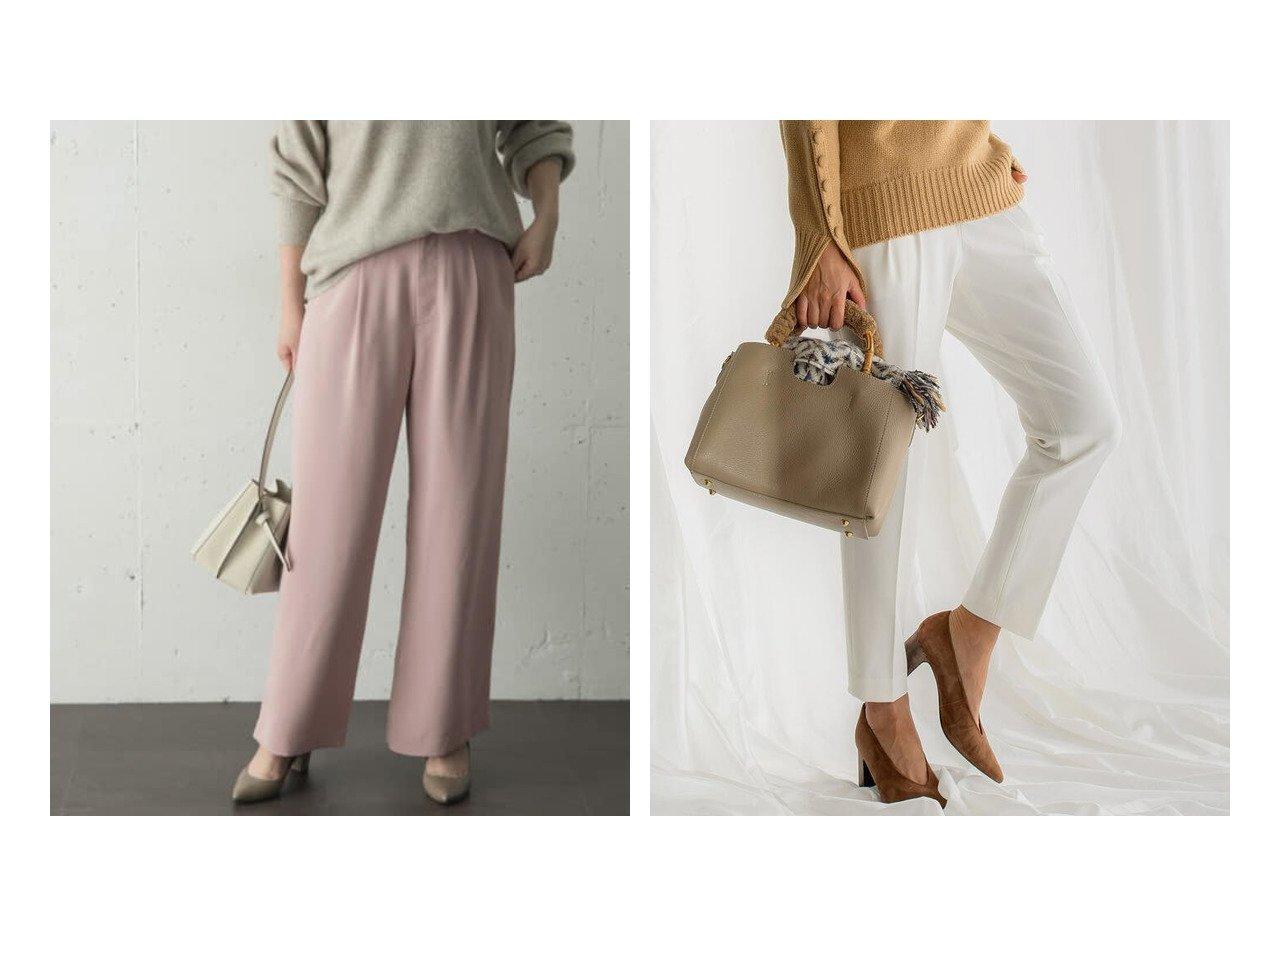 【URBAN RESEARCH ROSSO/アーバンリサーチ ロッソ】のハイウエストワイドパンツ&【Viaggio Blu/ビアッジョブルー】のコスミカルウォームタックパンツ パンツのおすすめ!人気、レディースファッションの通販 おすすめで人気のファッション通販商品 インテリア・家具・キッズファッション・メンズファッション・レディースファッション・服の通販 founy(ファニー) https://founy.com/ ファッション Fashion レディース WOMEN パンツ Pants スカート Skirt とろみ フレア ベーシック ルーズ ワイド 今季 ストレッチ フラット 楽ちん |ID:crp329100000001401